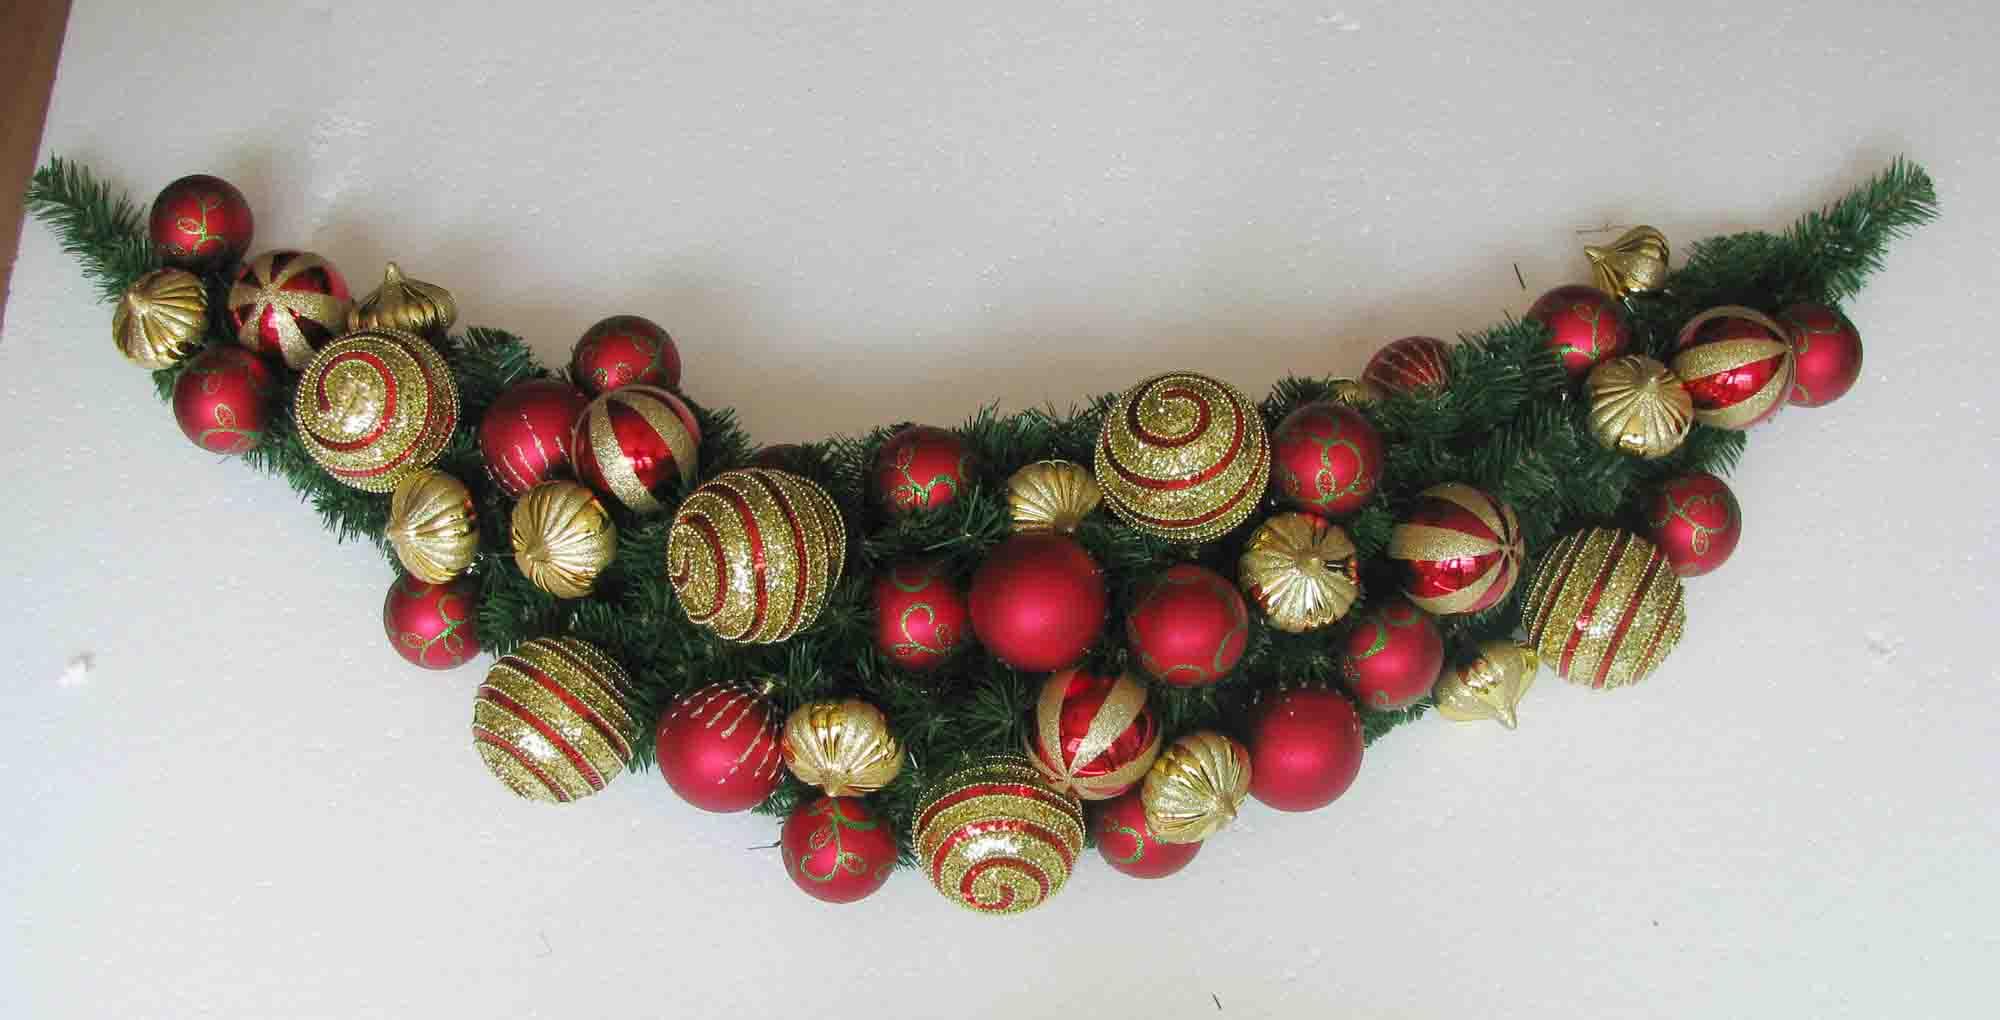 Decoraci n con guirnaldas de navidad for Puertas decoradas con guirnaldas